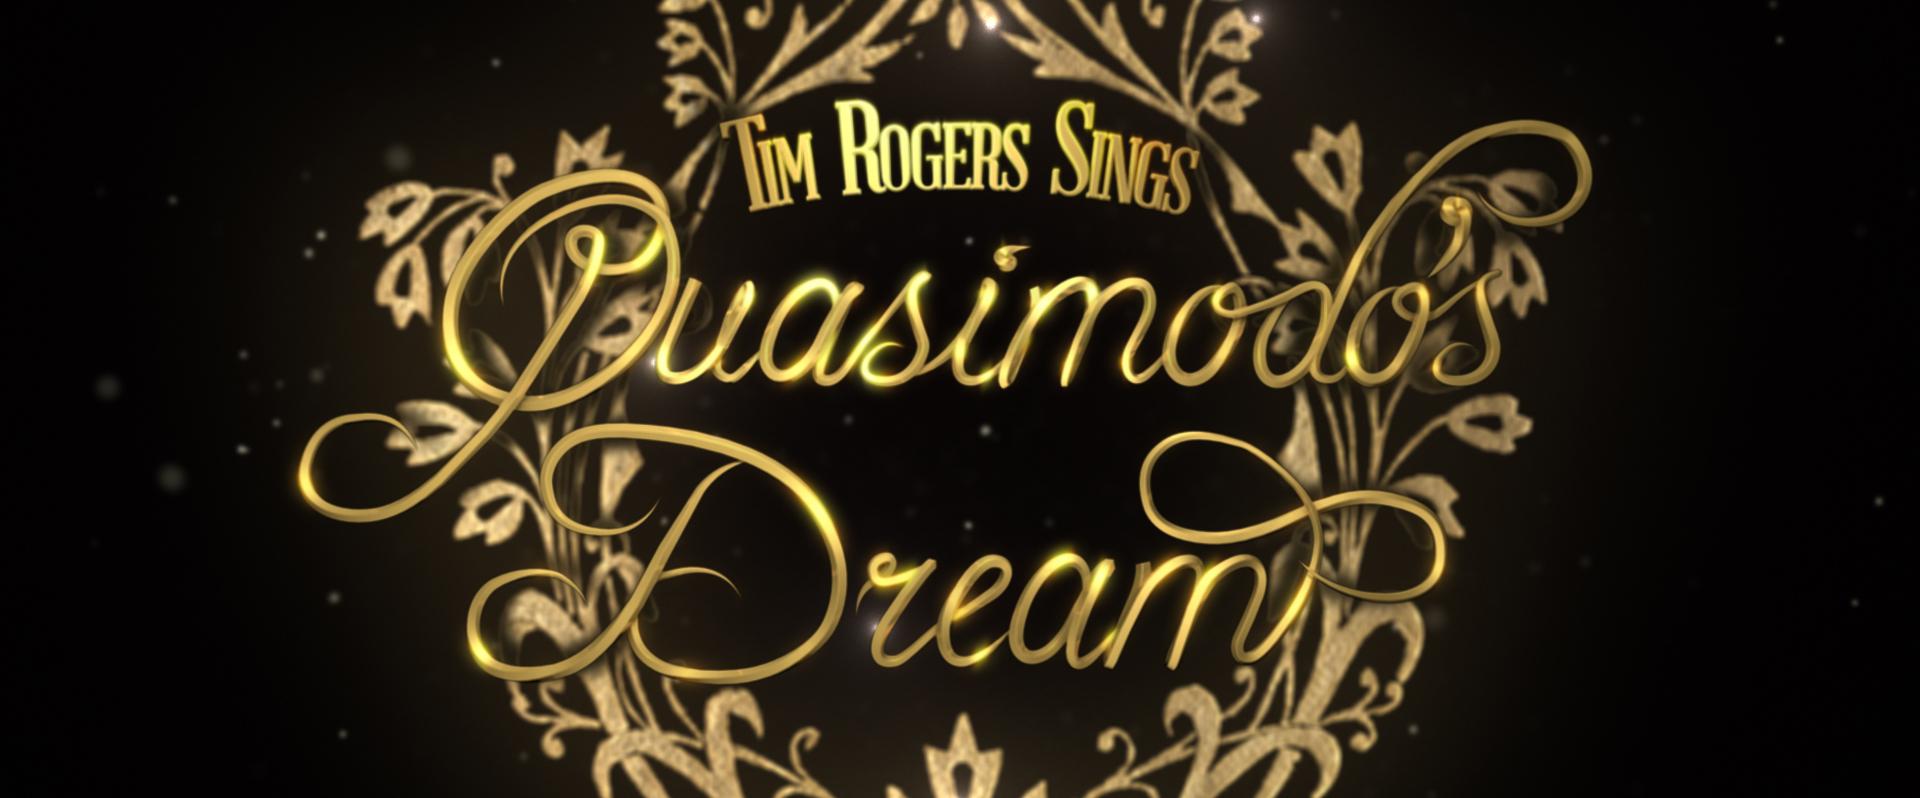 Quasimodo's Dream Title